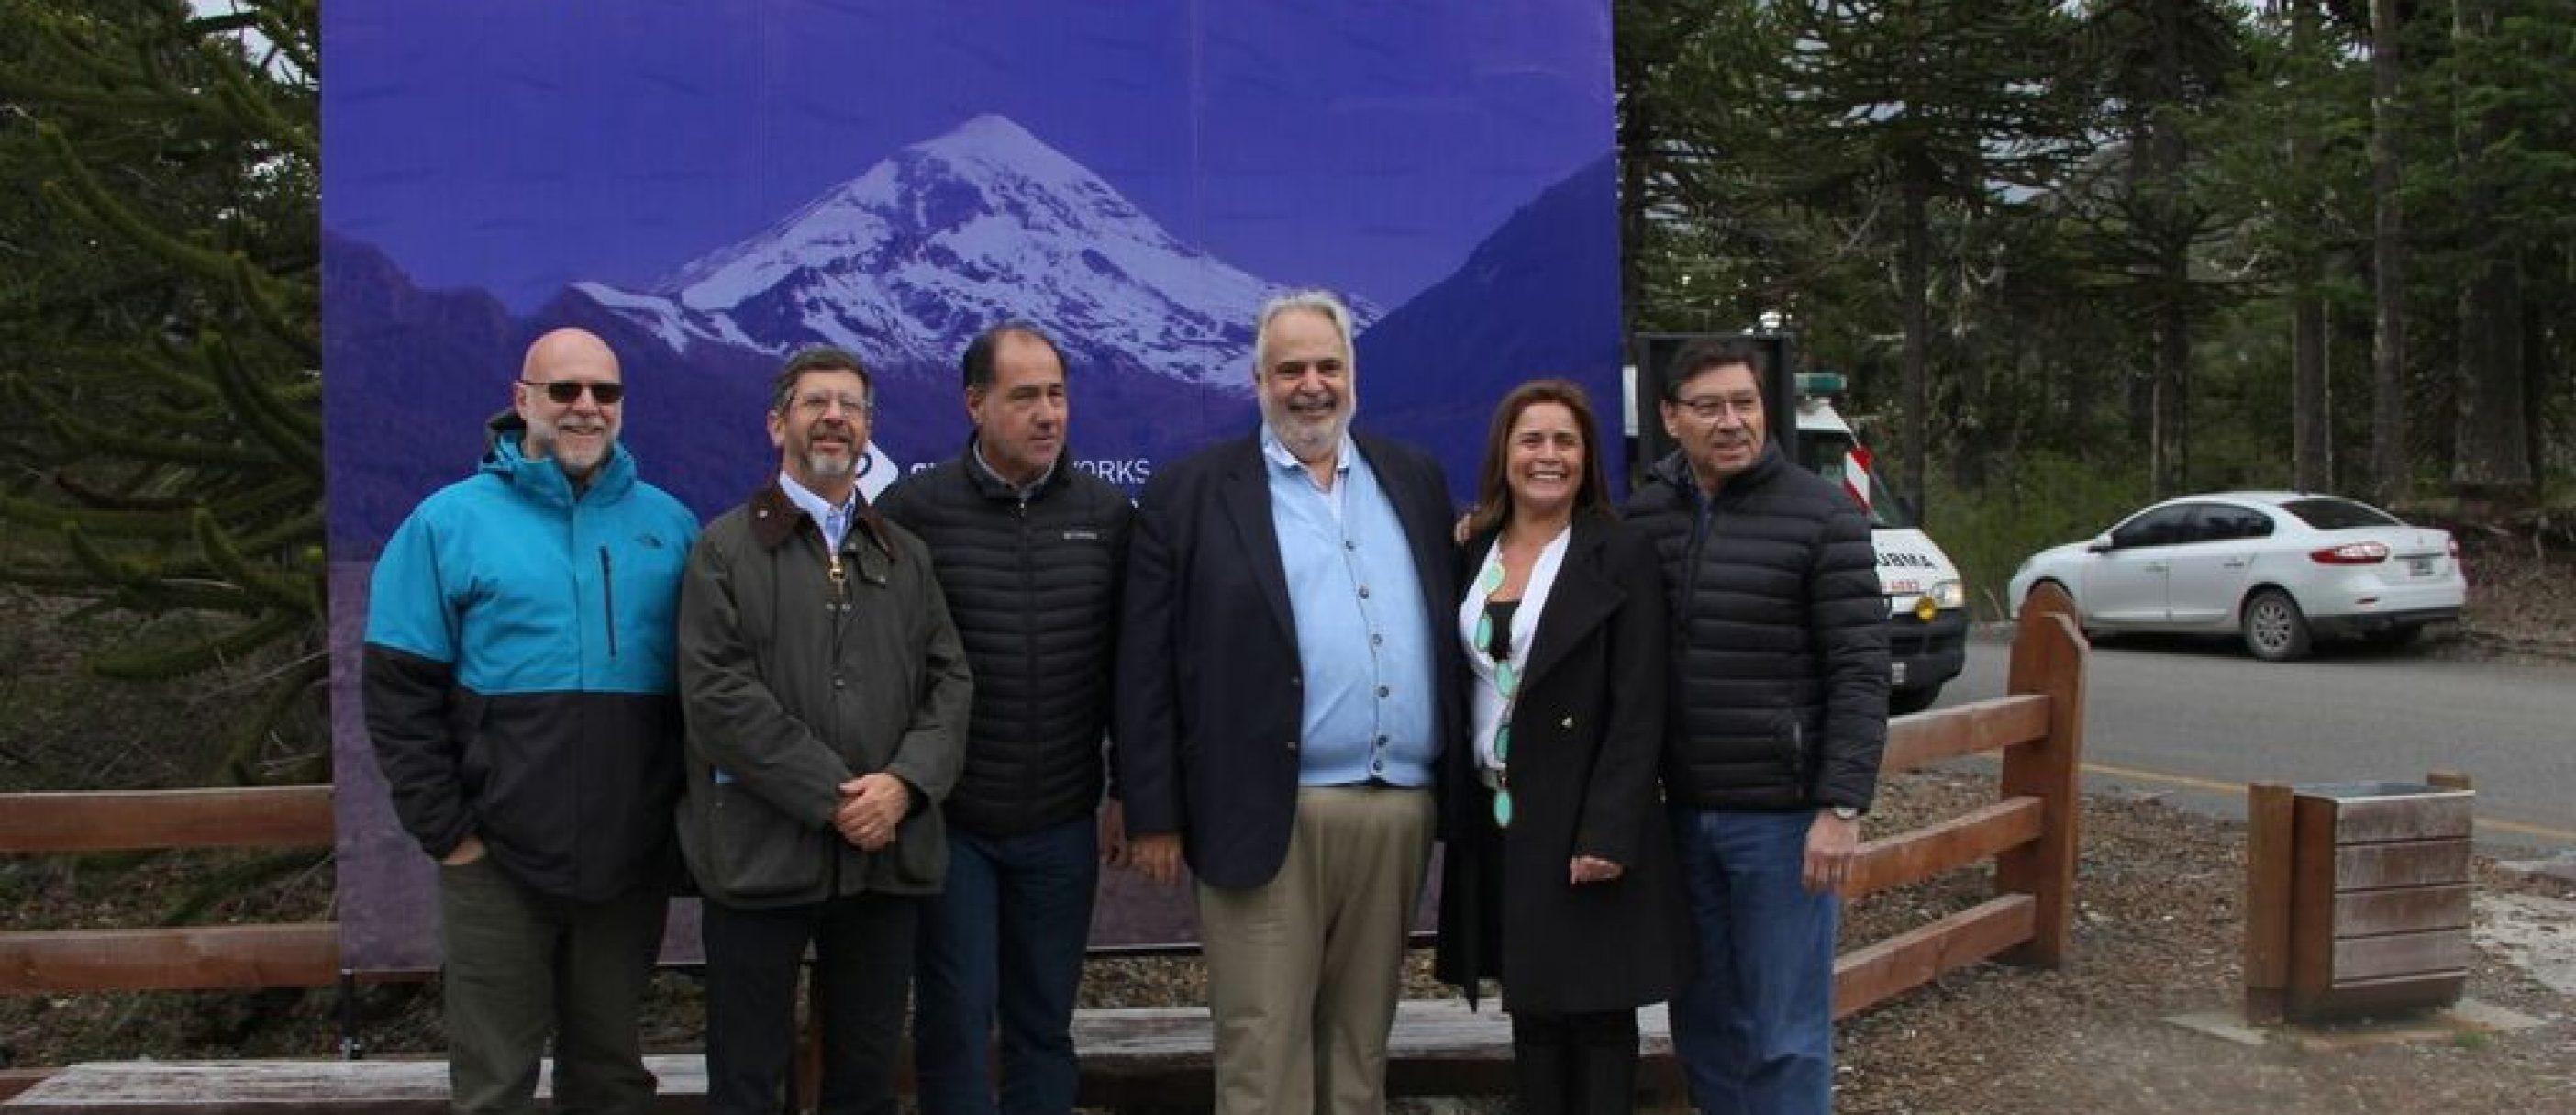 Inauguración del tramo Humboldt de la fibra óptica de Silica